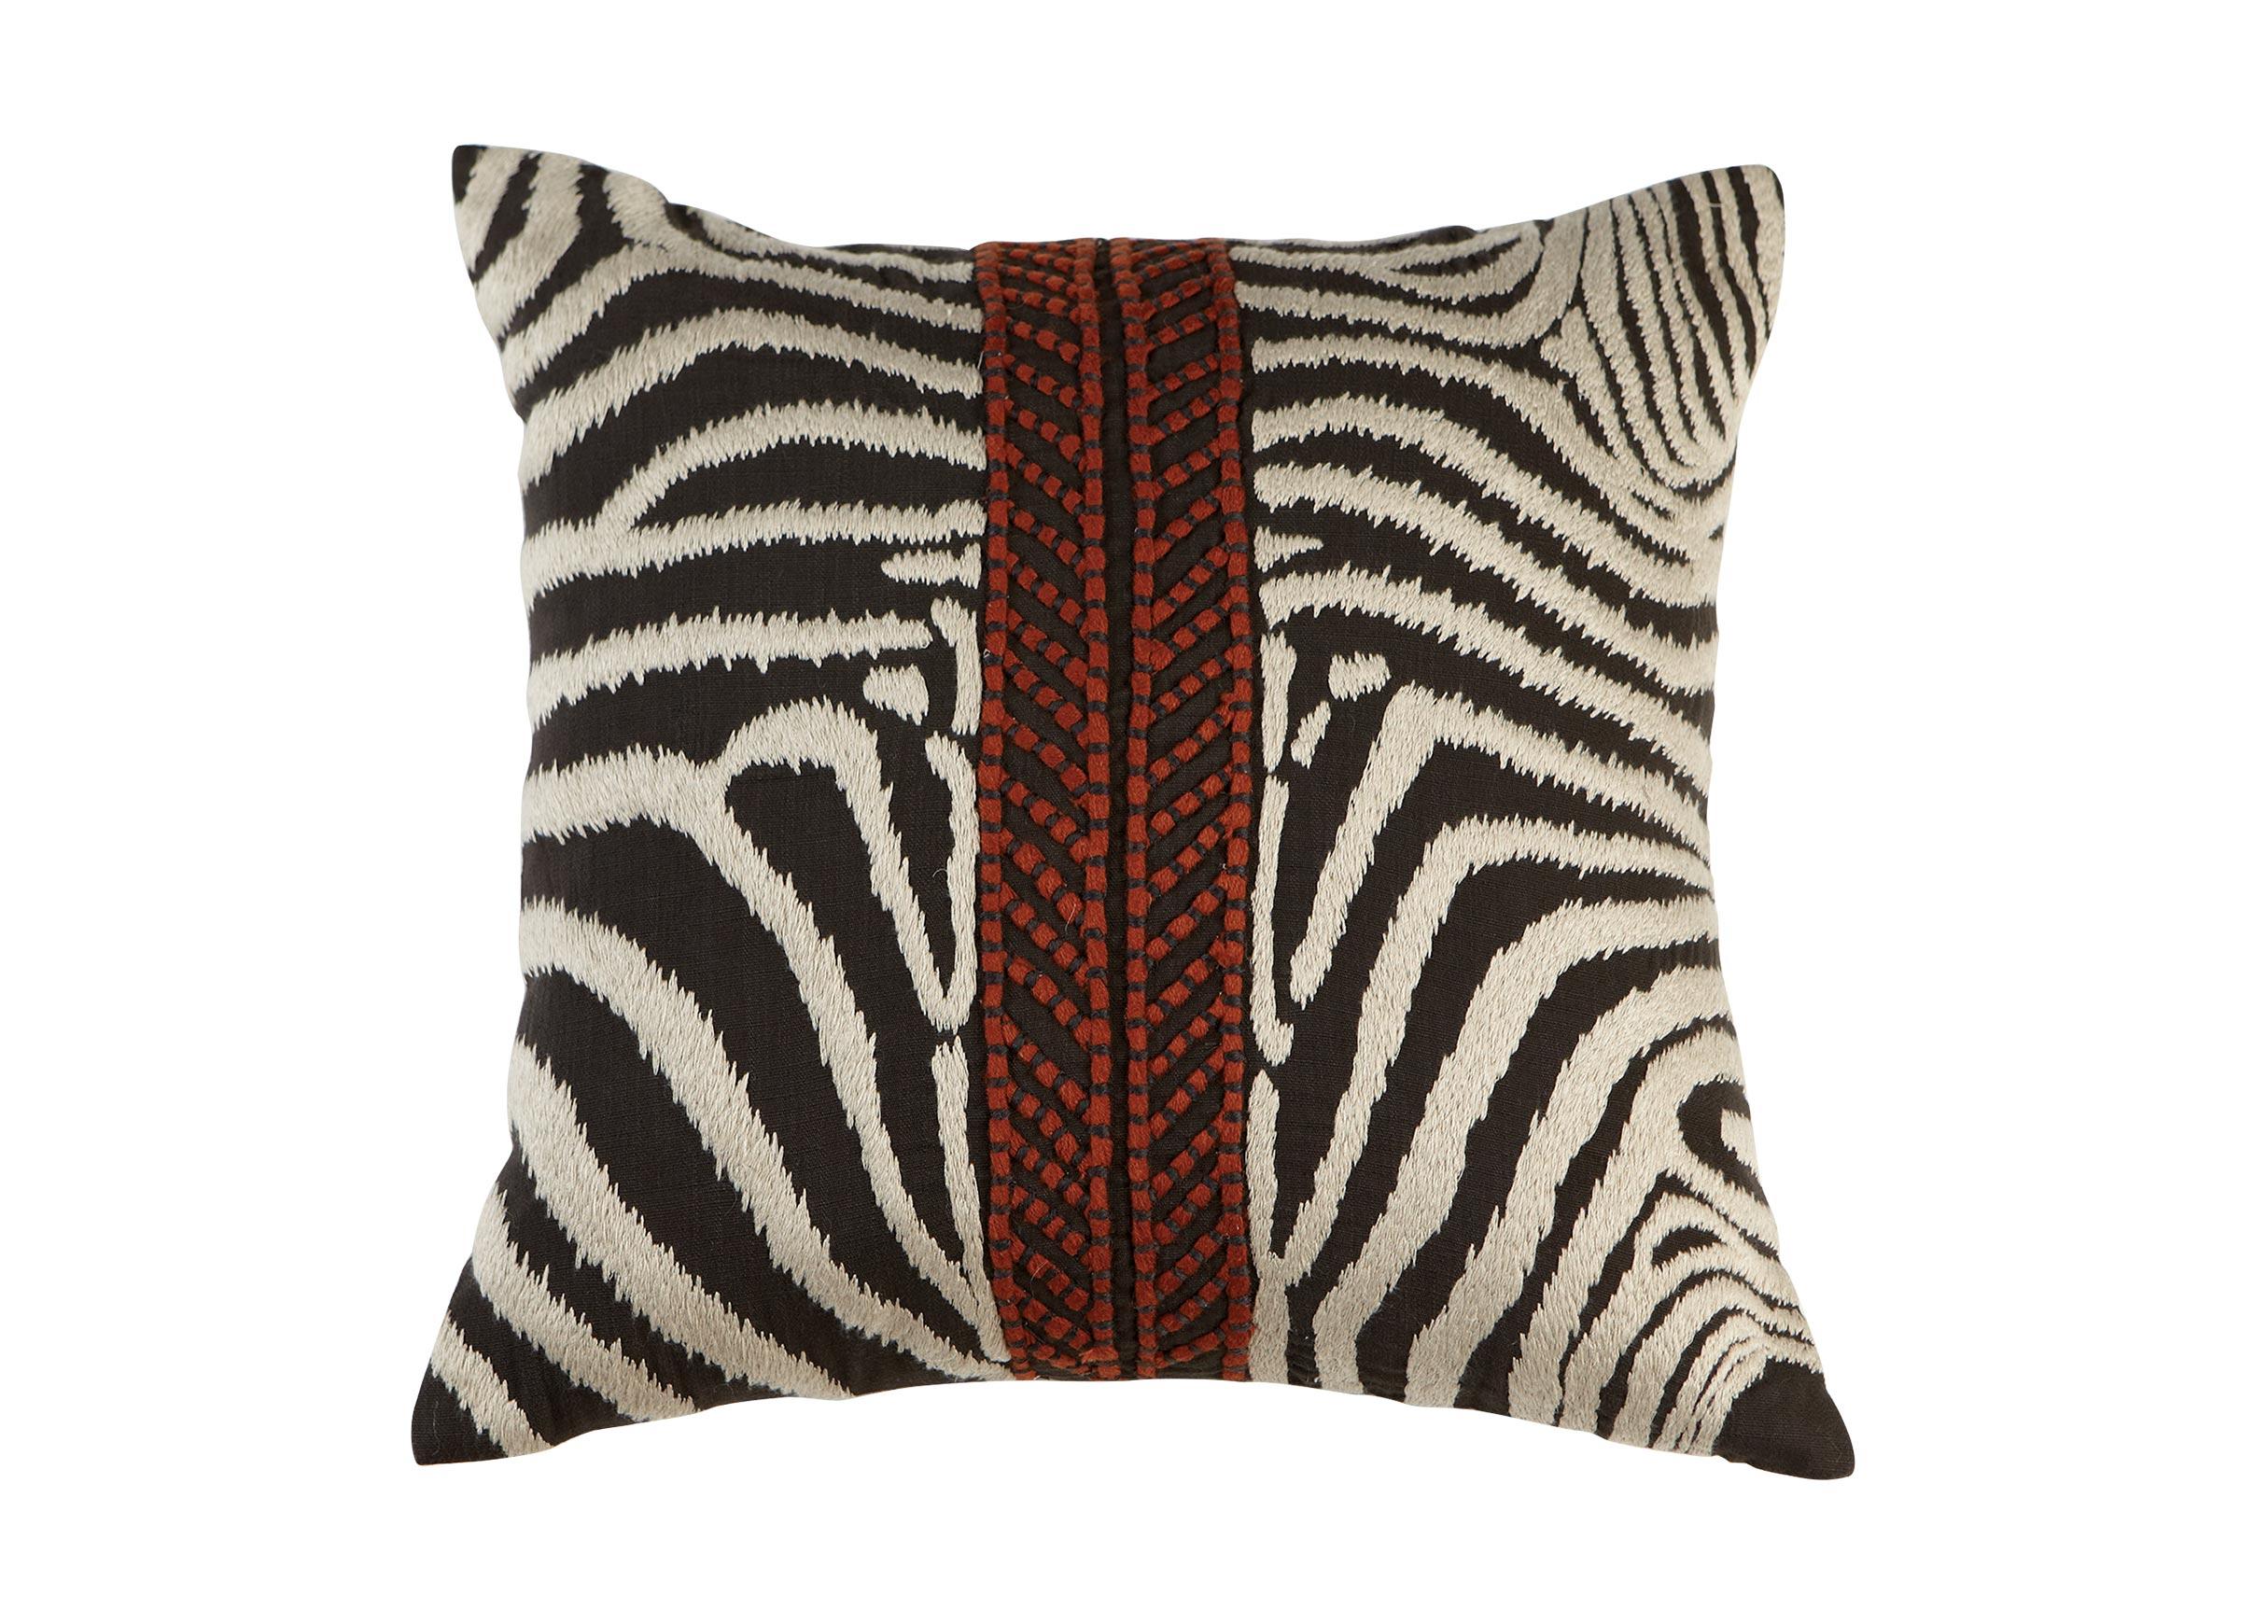 Maia Modern Pillows : Modern Banded Zebra Pillow Pillows